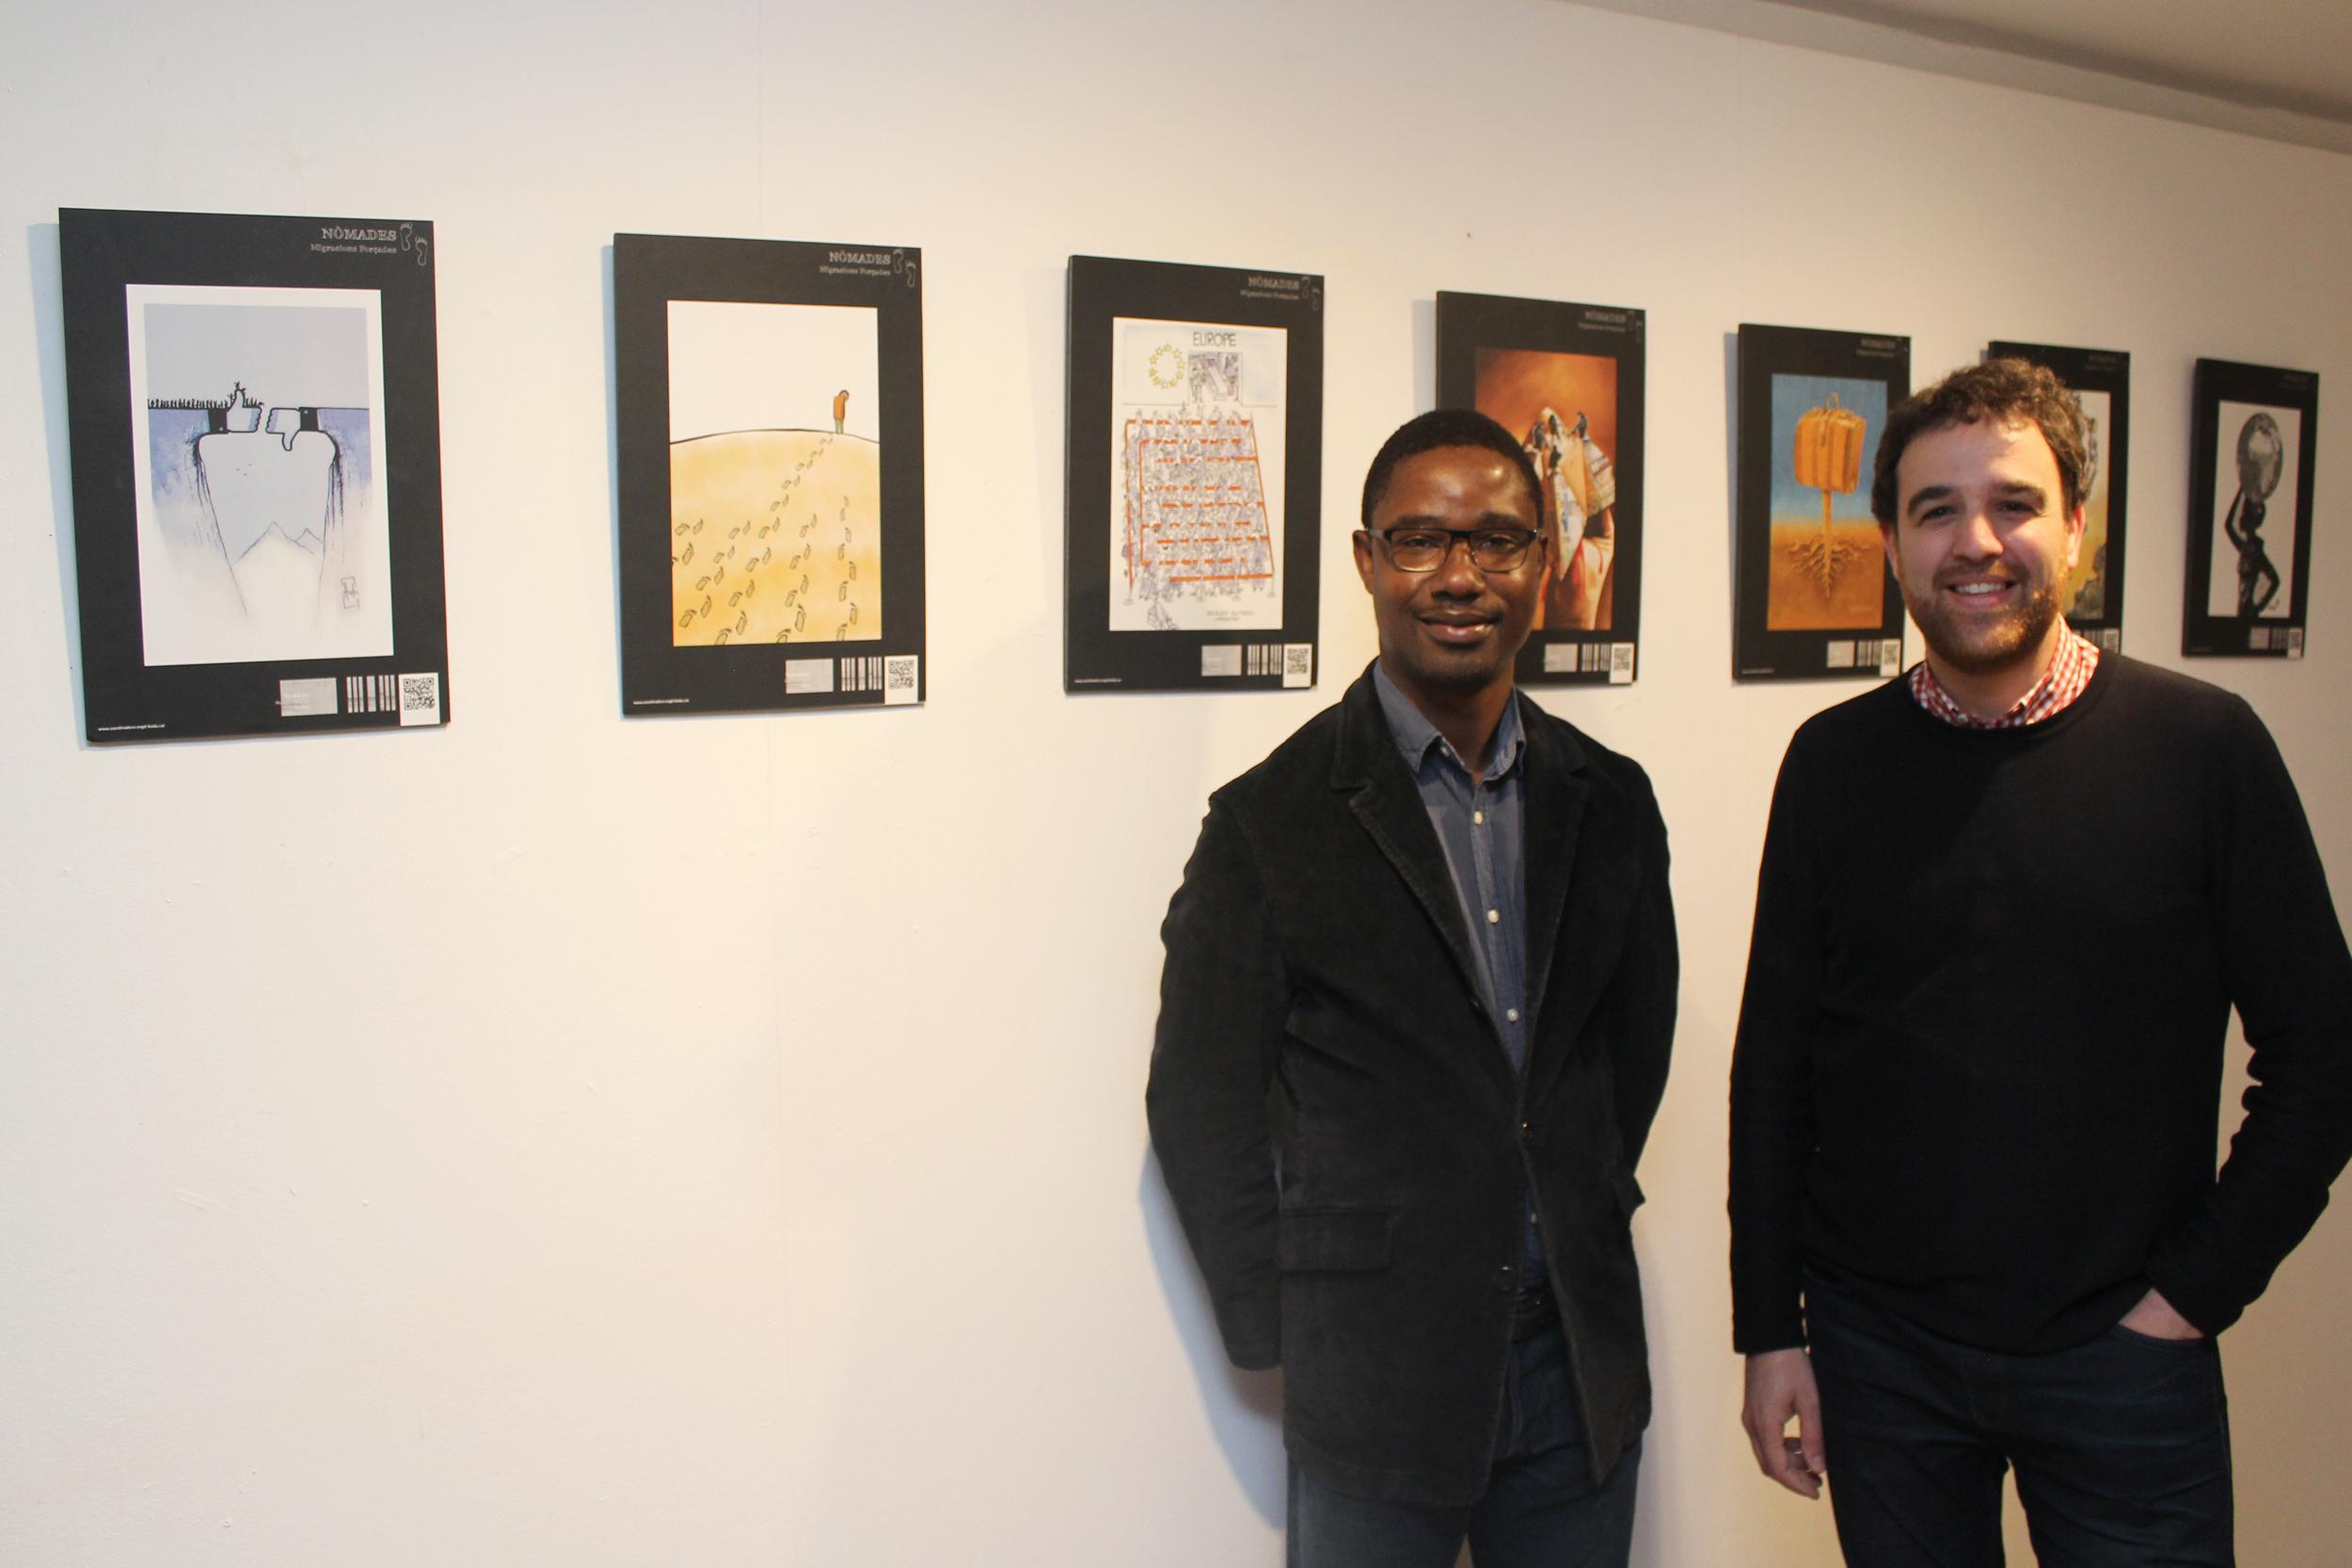 Tàrrega exhibeix obres d'art gràfic d'arreu del món que sensibilitzen sobre la xacra de les migracions forçades